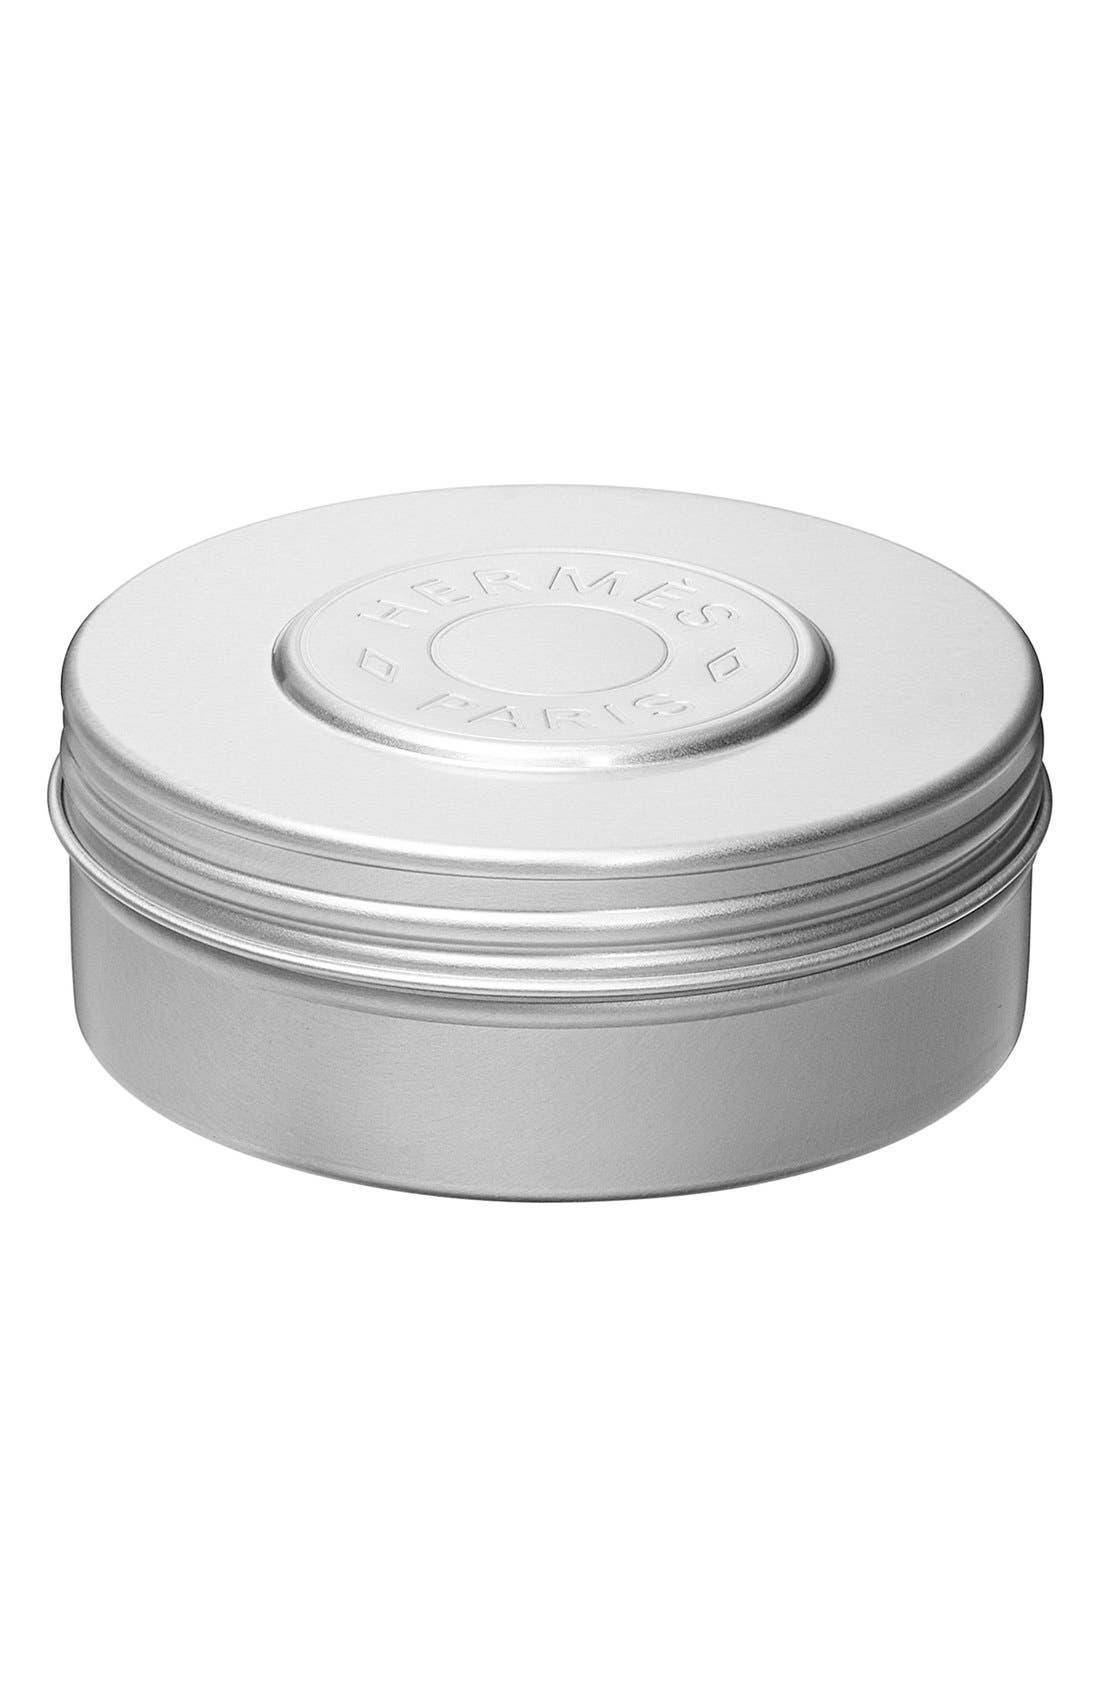 Hermès Eau de Mandarine Ambrée - Face and body moisturizing balm